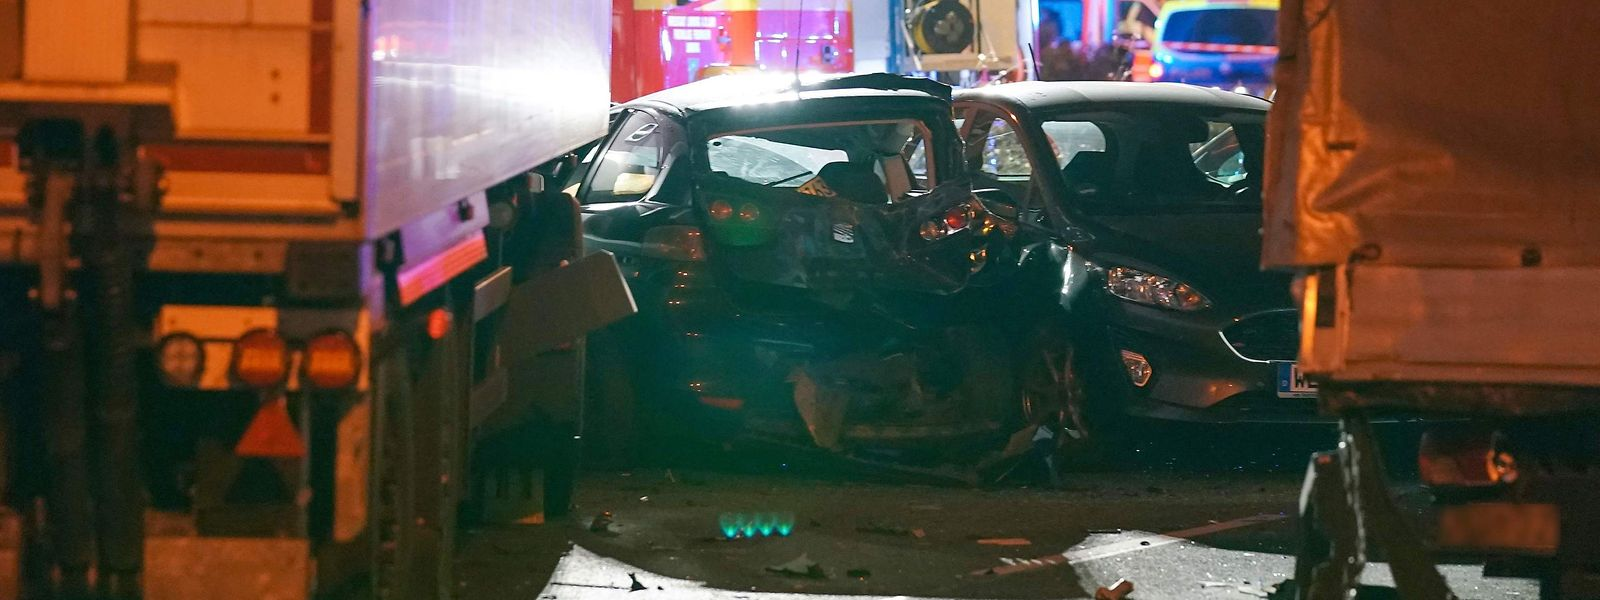 Der gestohlene Laster hatte auf der Kreuzung acht Autos ineinander geschoben.